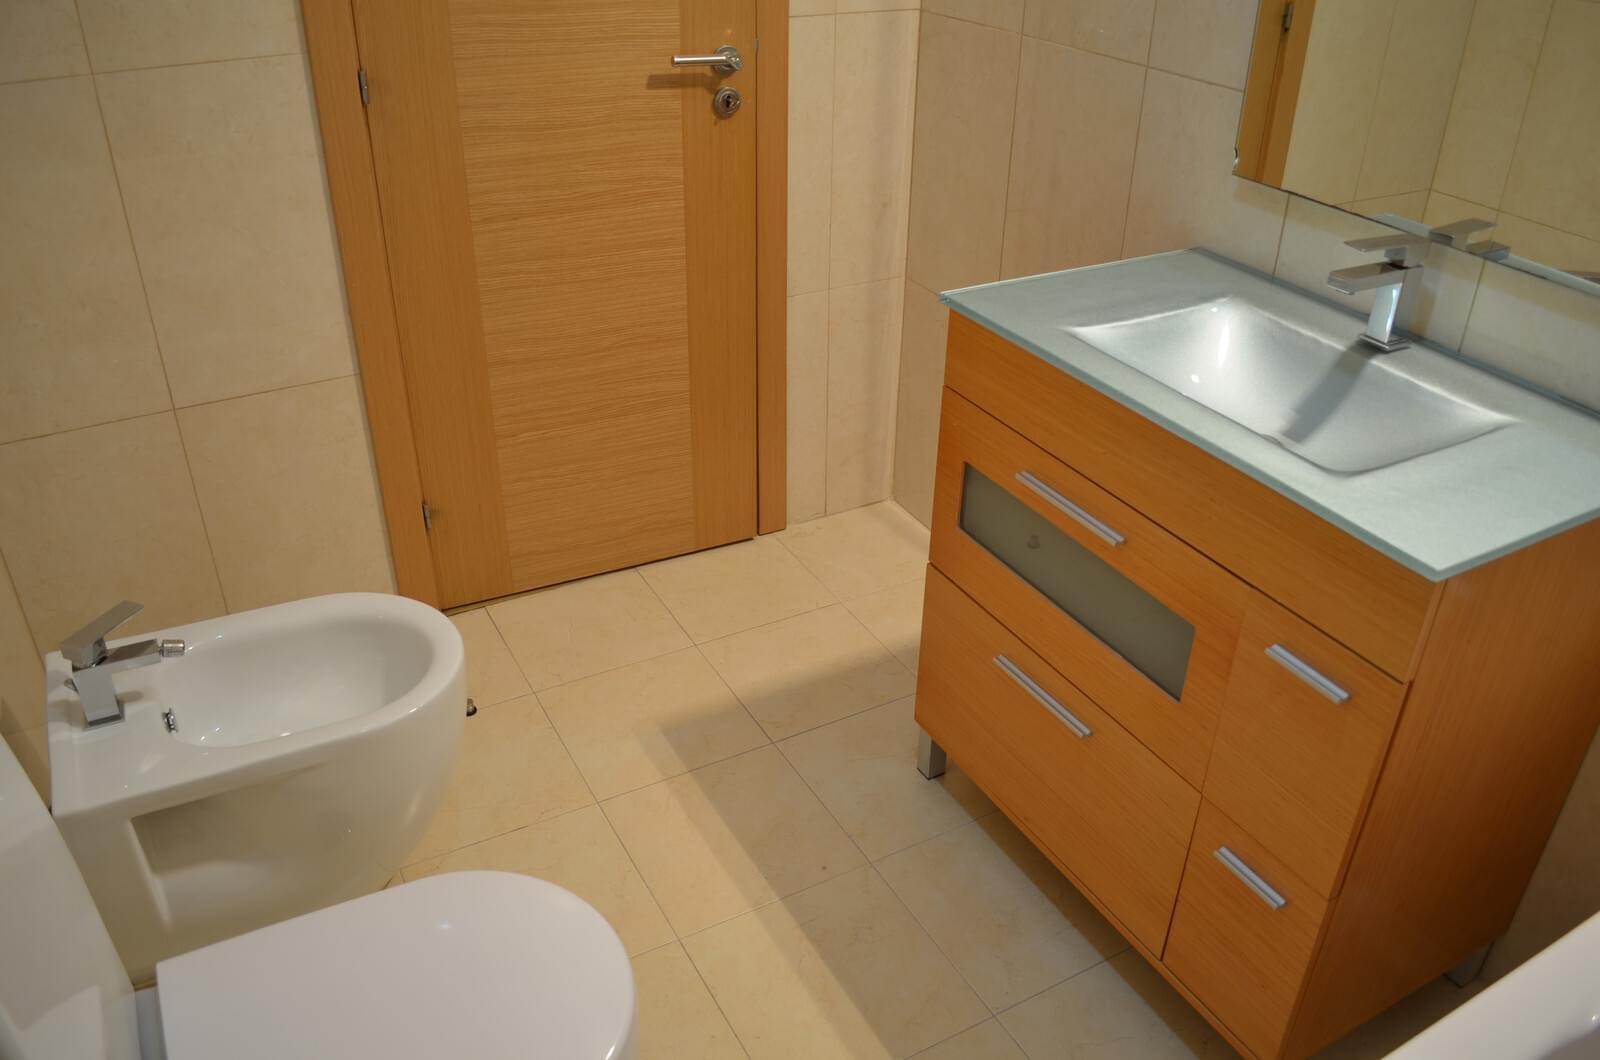 pf18839-apartamento-t2-lisboa-3021ecaf-ffbf-4417-ac1f-4795c22339ad